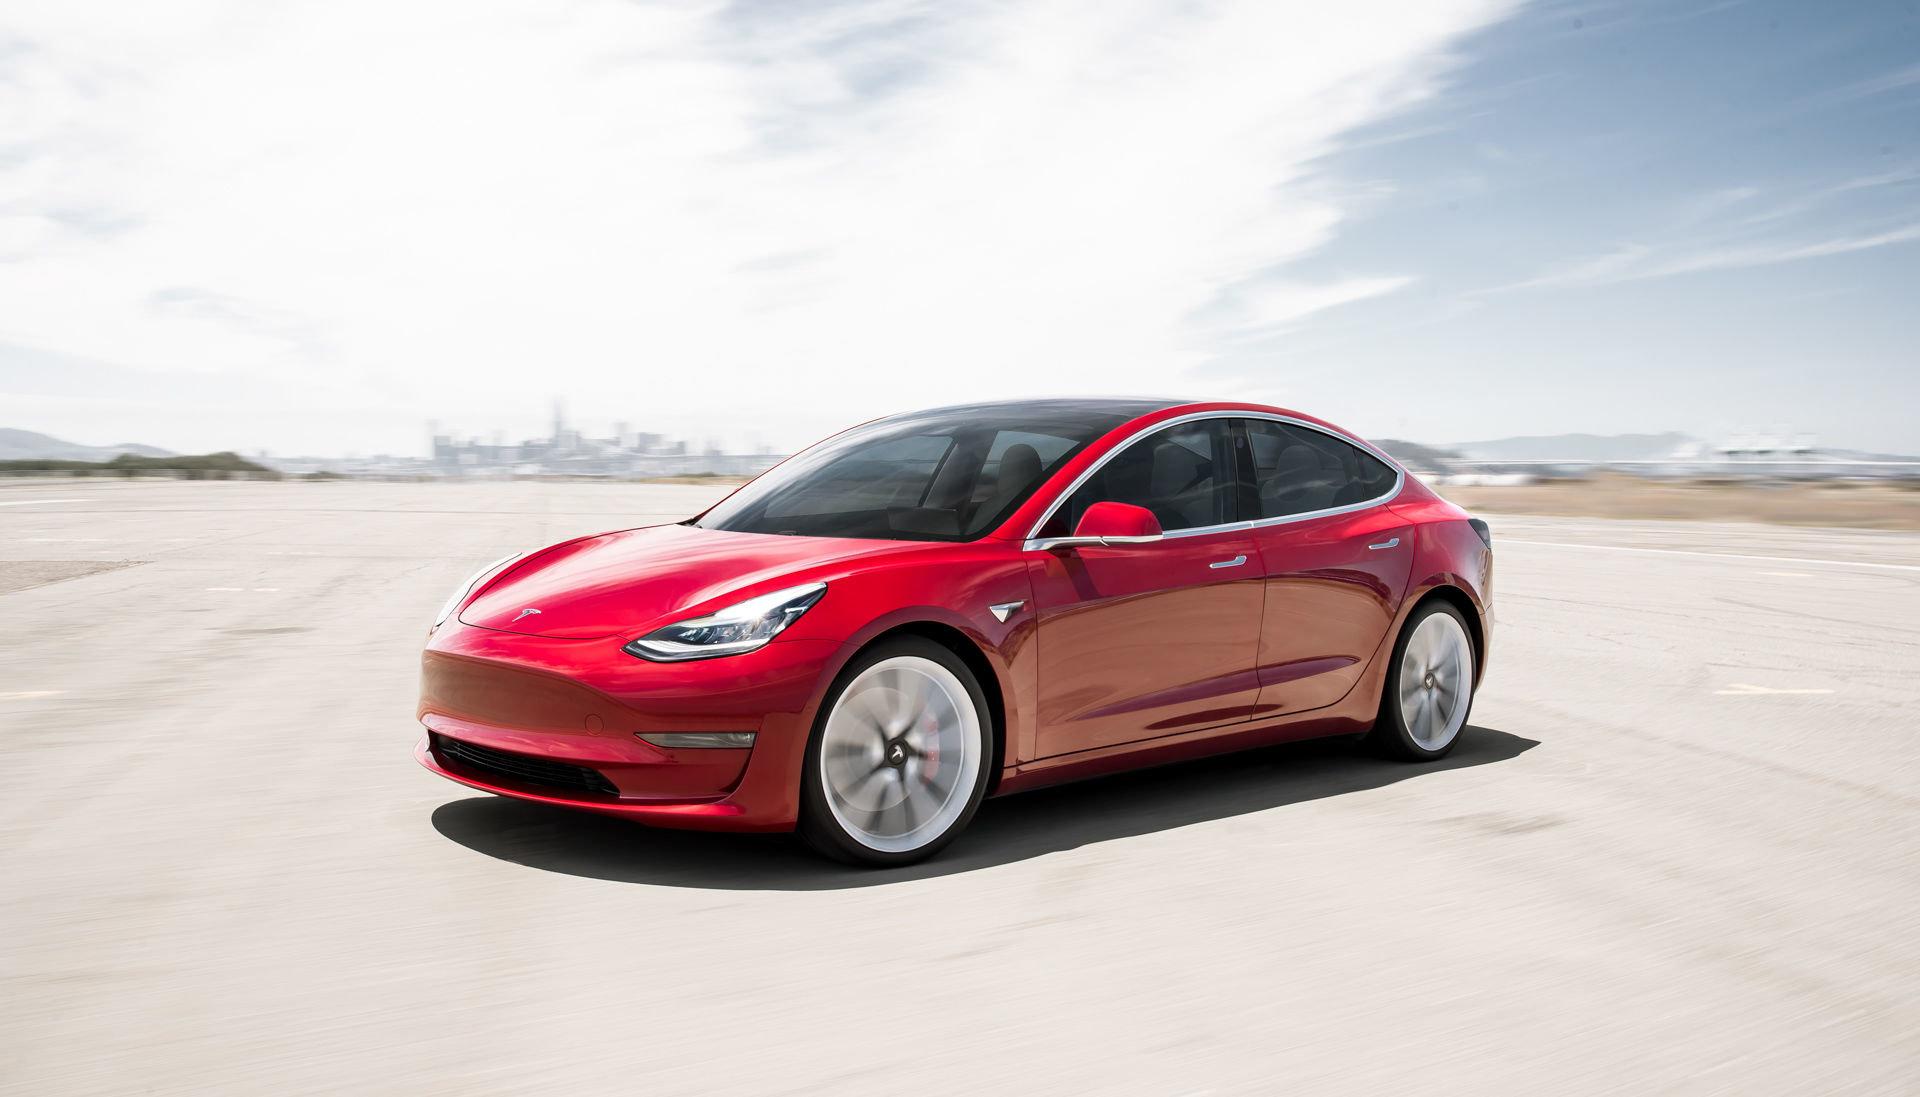 На Pwn2Own предлагают Tesla Model 3 тому, кто взломает систему защиты электромобиля - 1